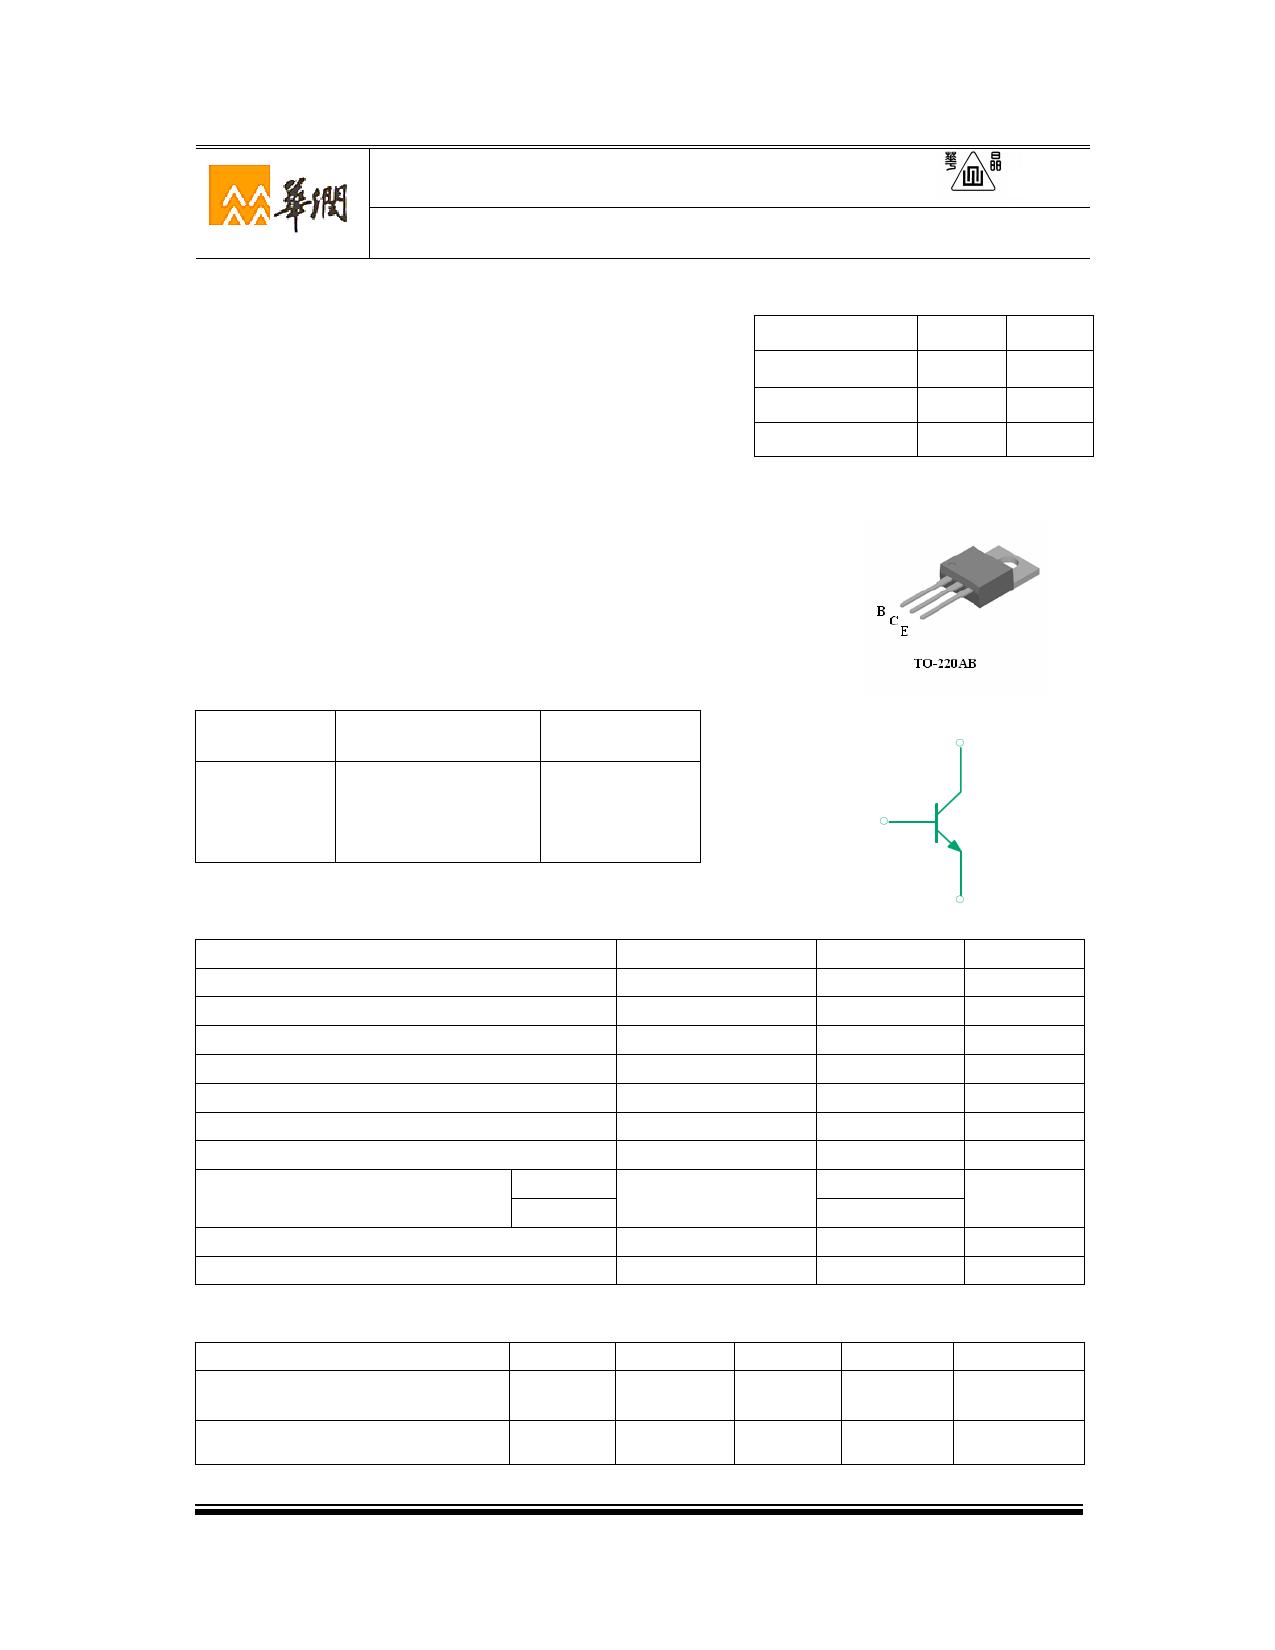 3DD13005F8-1 Datasheet, 3DD13005F8-1 PDF,ピン配置, 機能